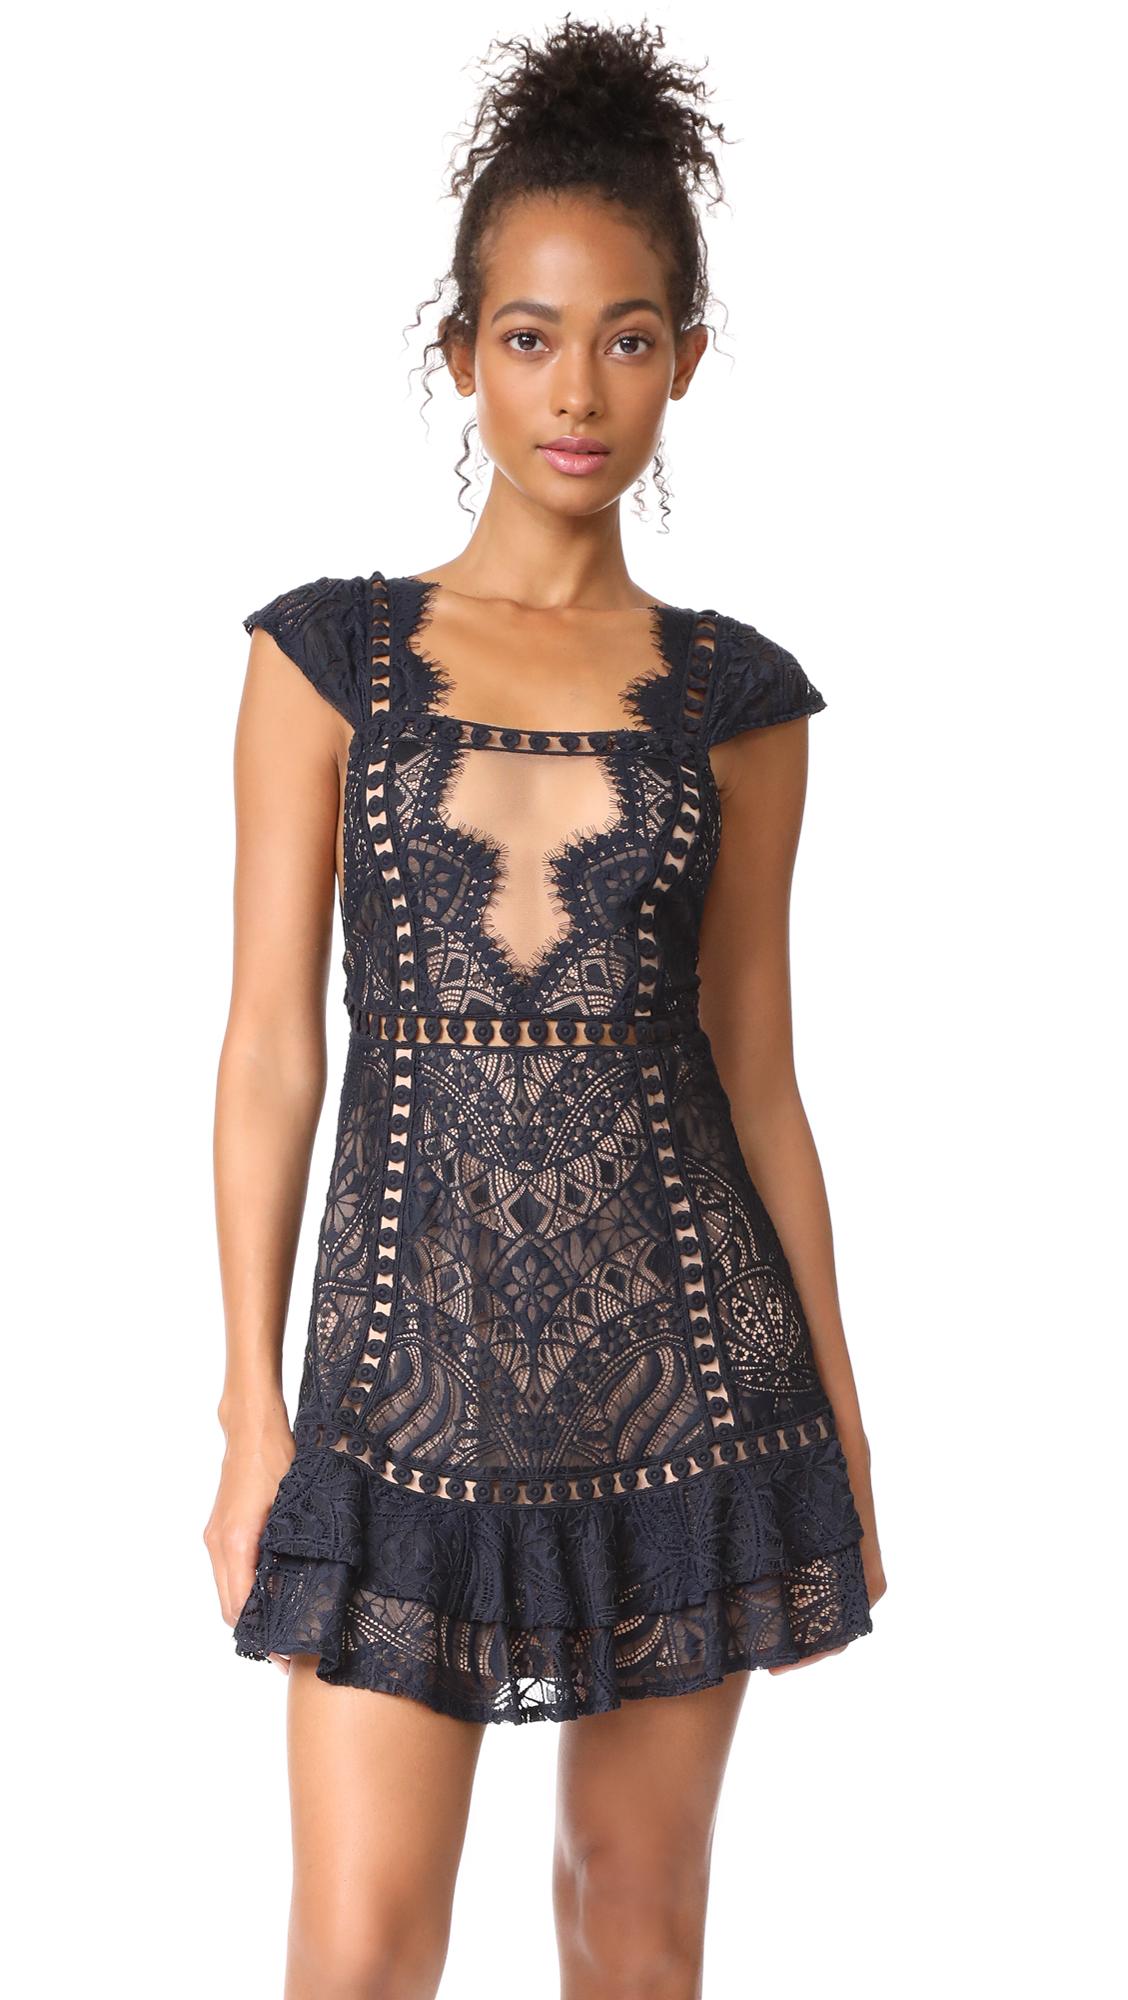 For Love & Lemons Emerie Dress In Black